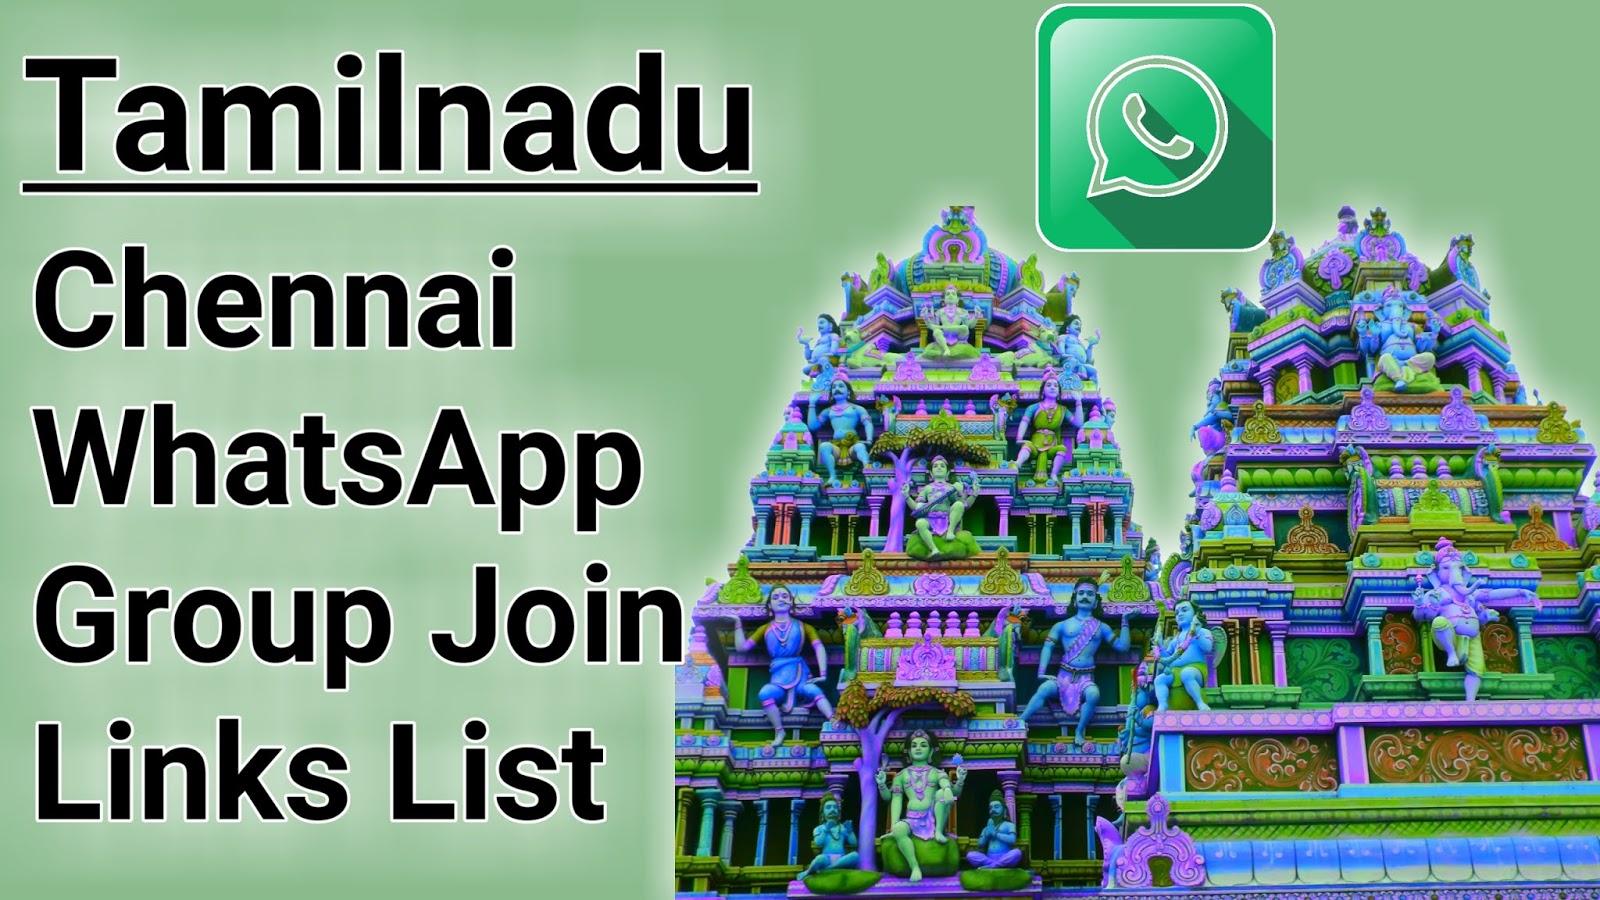 Chennai WhatsApp Group Link - Tamilnadu WhatsApp Group Lnks